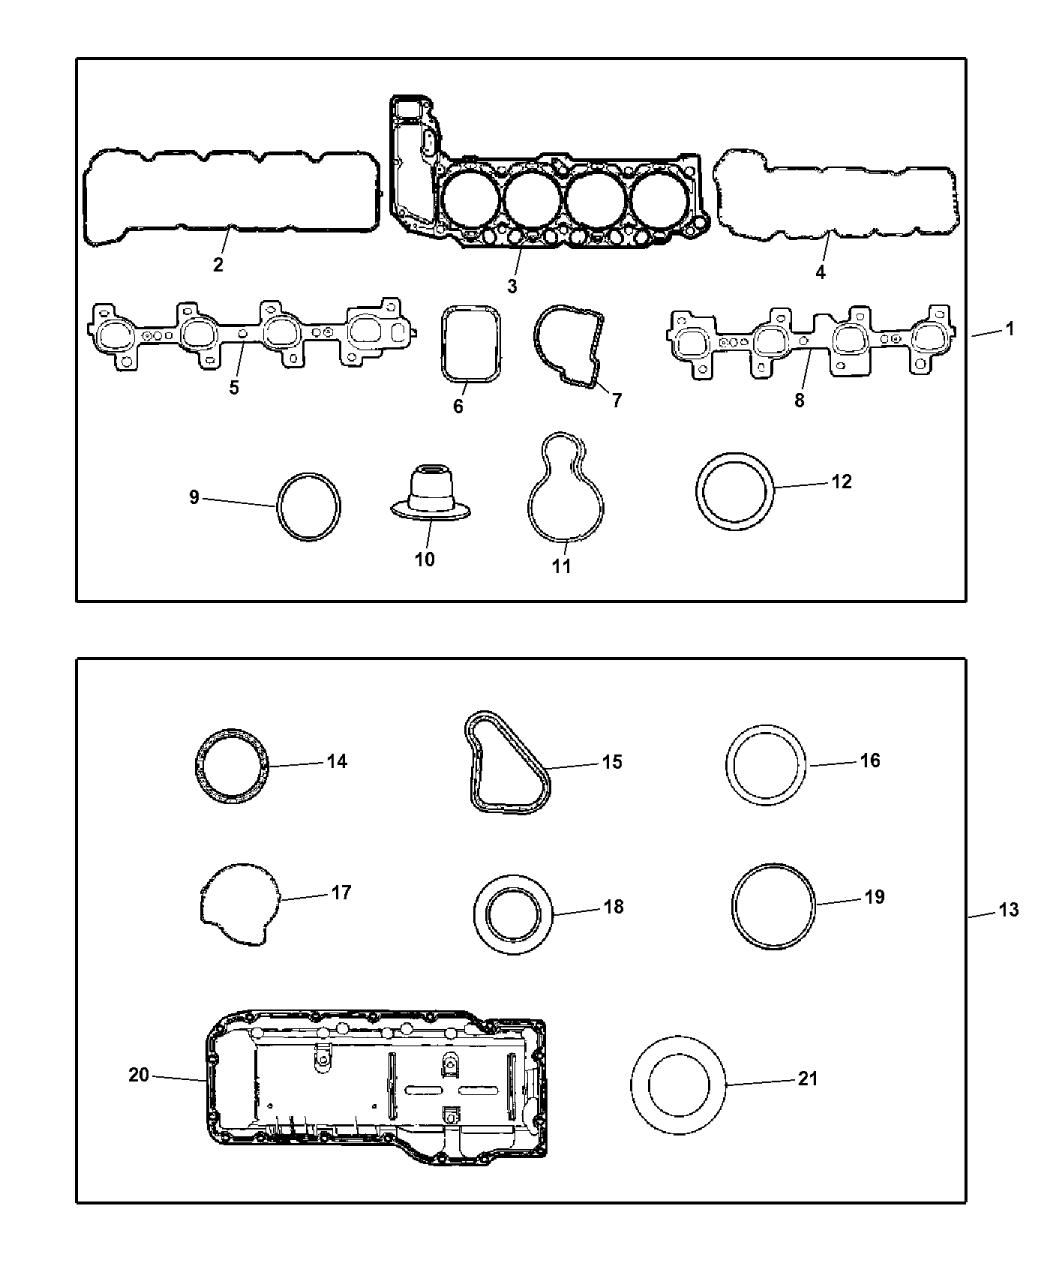 Genuine Chrysler 53020865 Water Pump Gasket